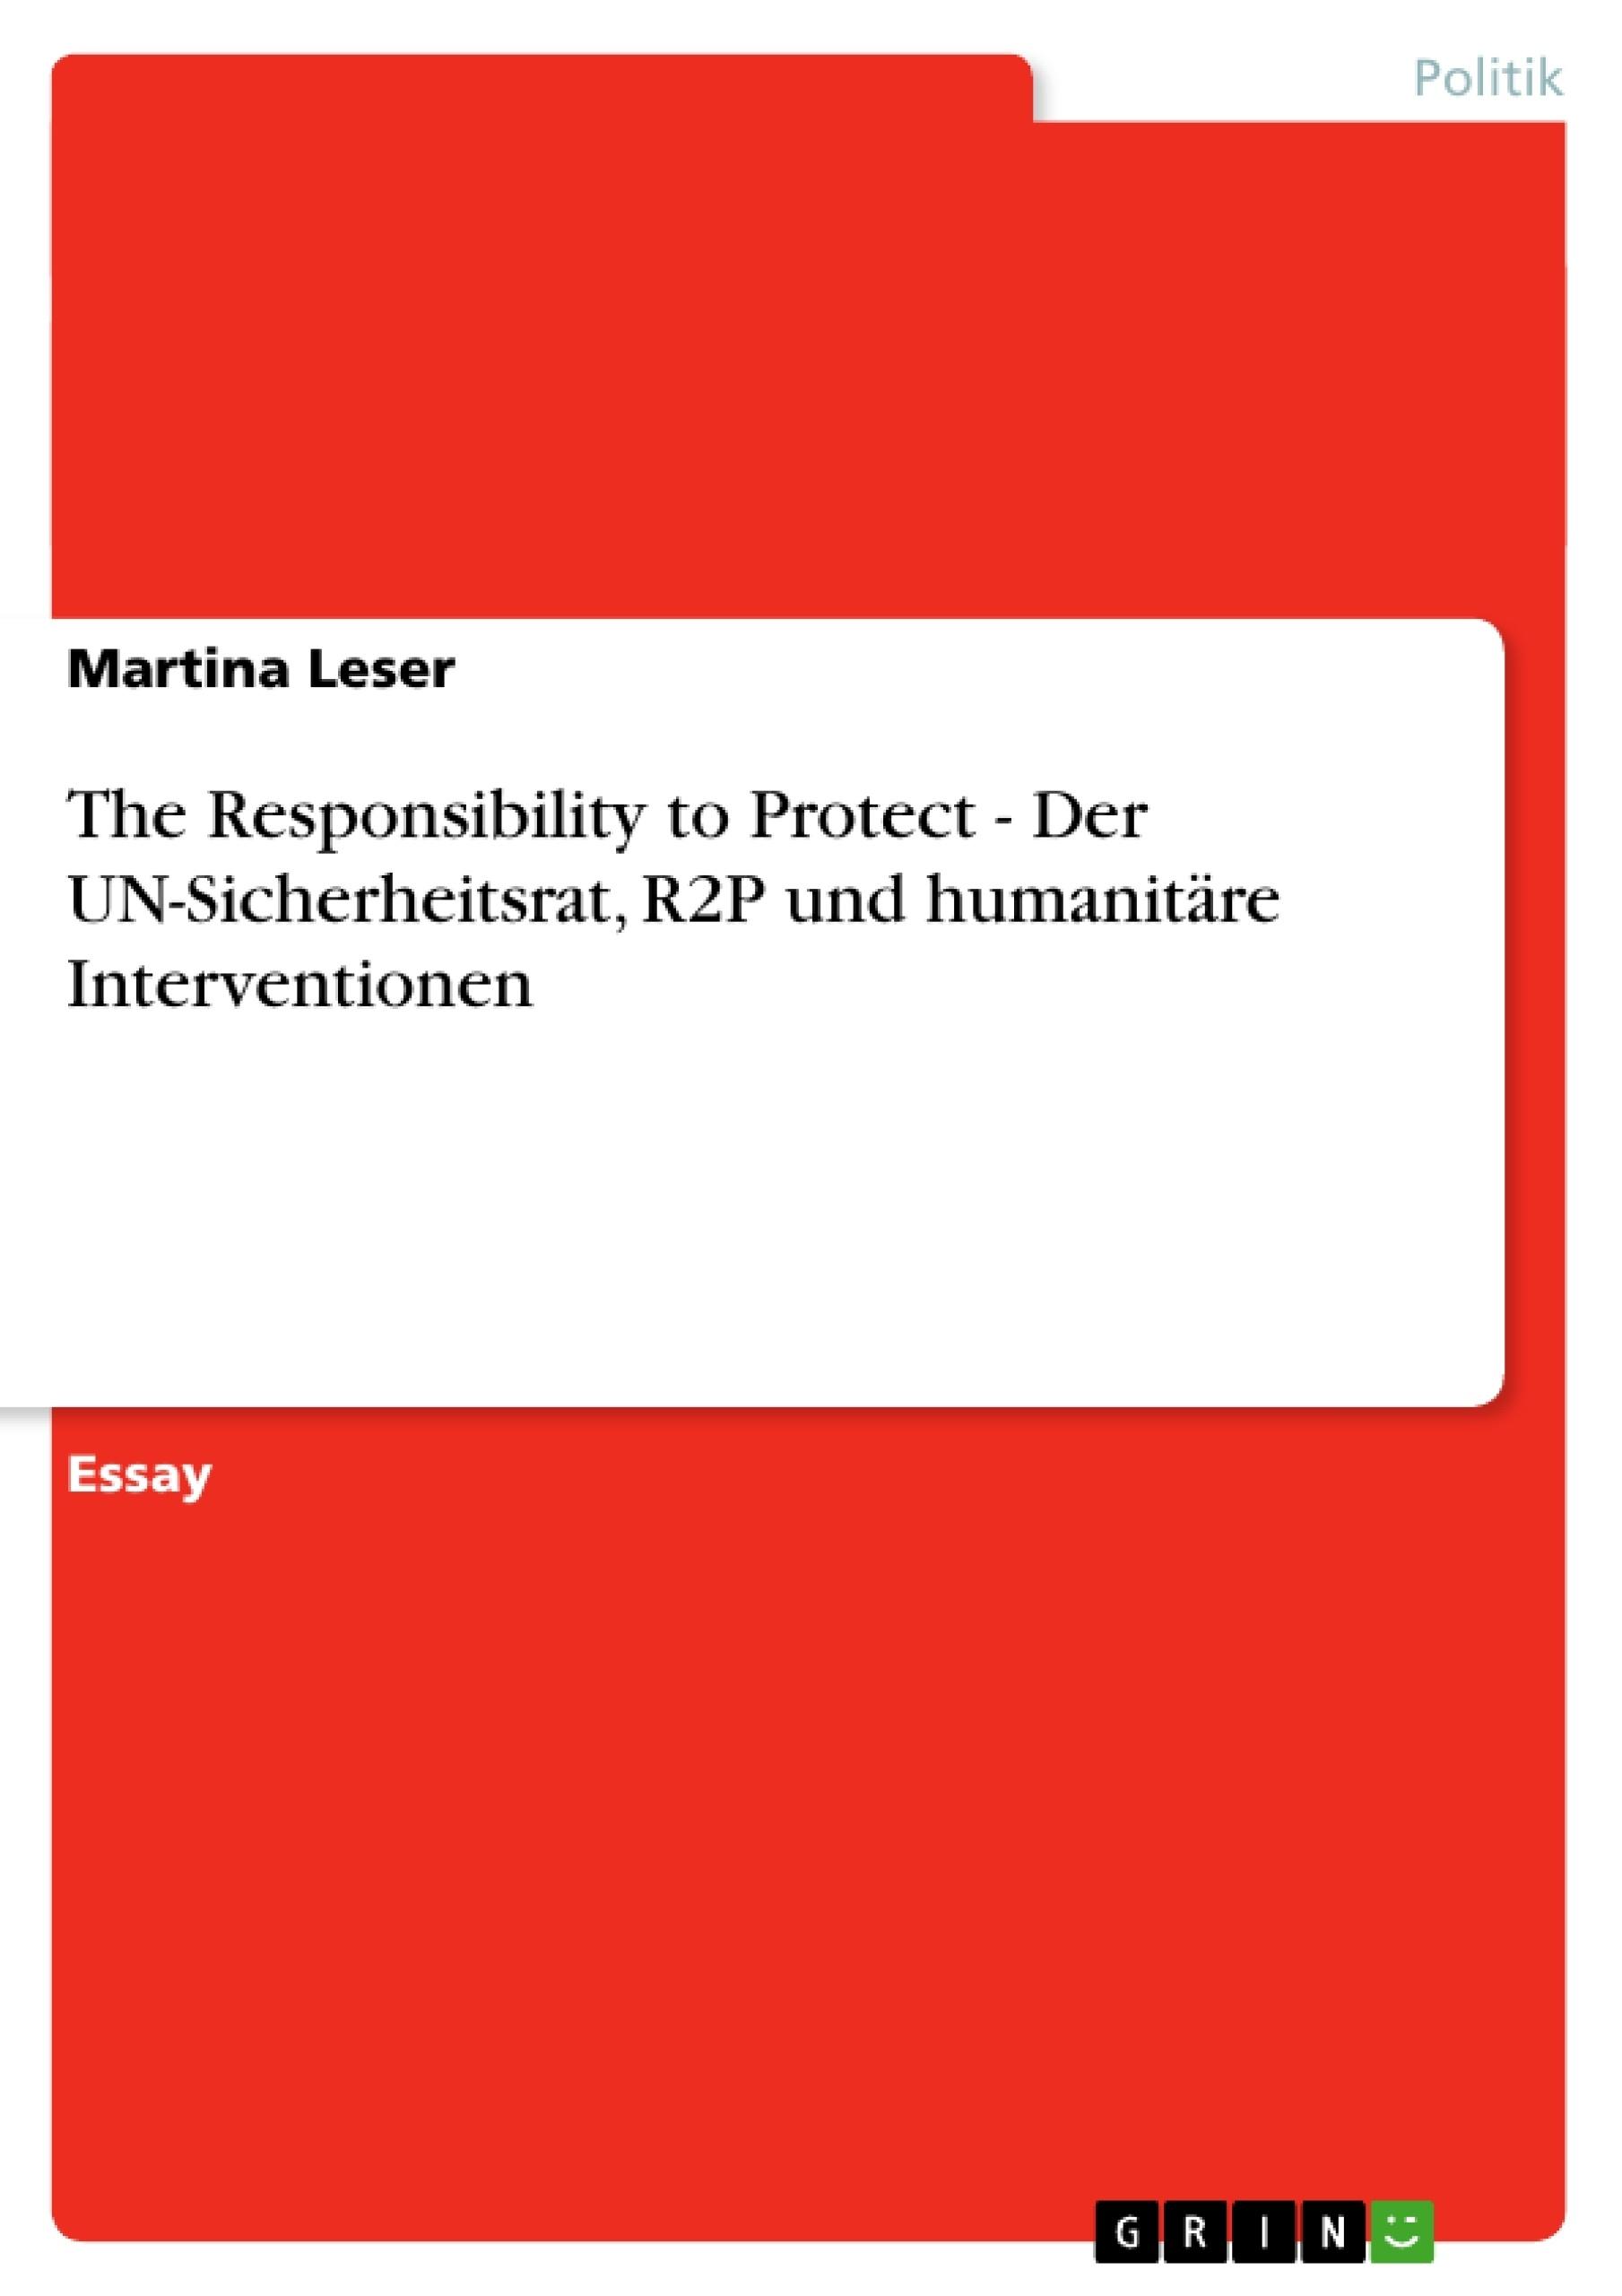 Titel: The Responsibility to Protect - Der UN-Sicherheitsrat, R2P und humanitäre Interventionen